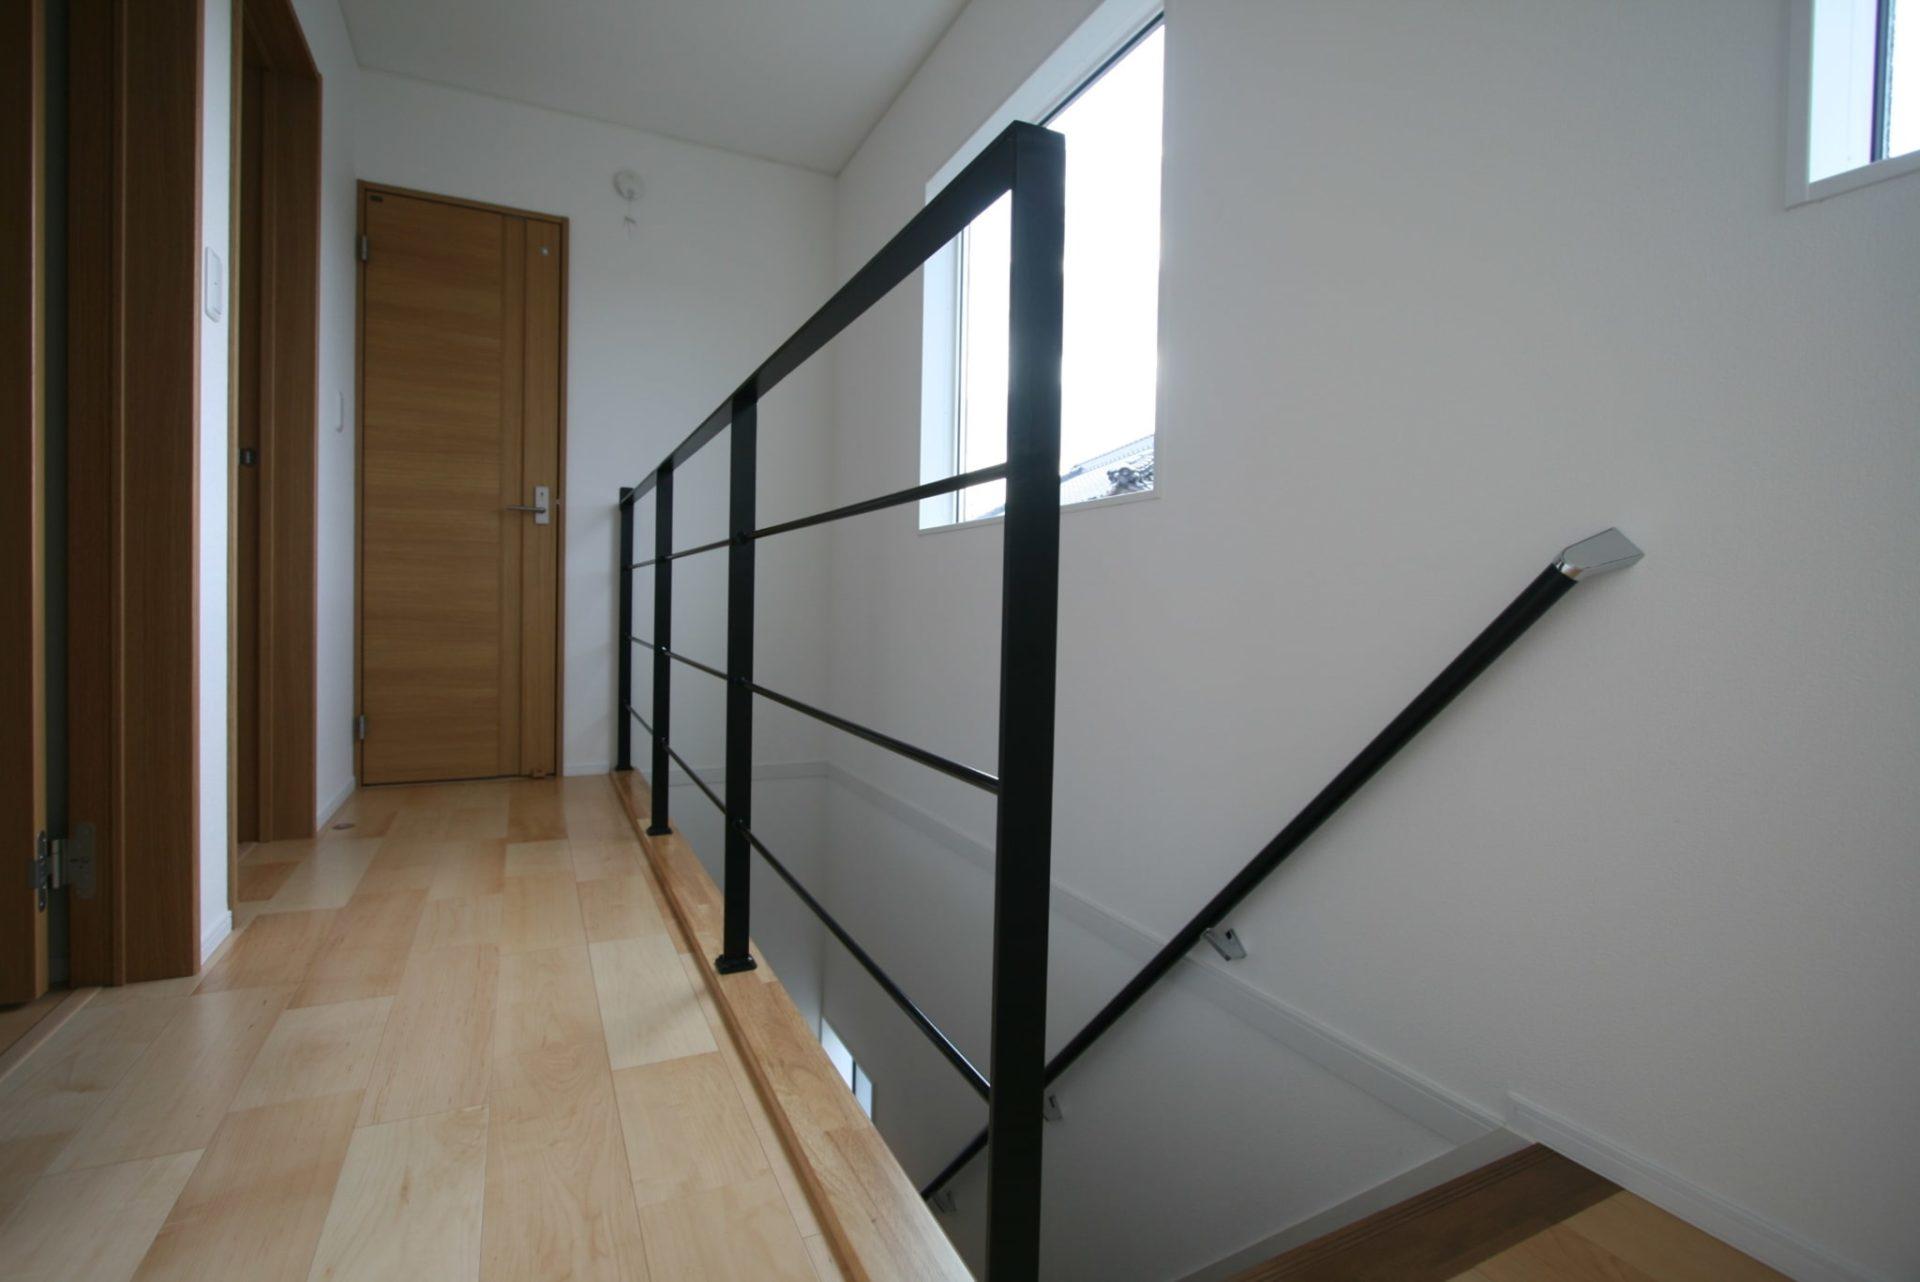 今井住建の施工事例No.008 階段